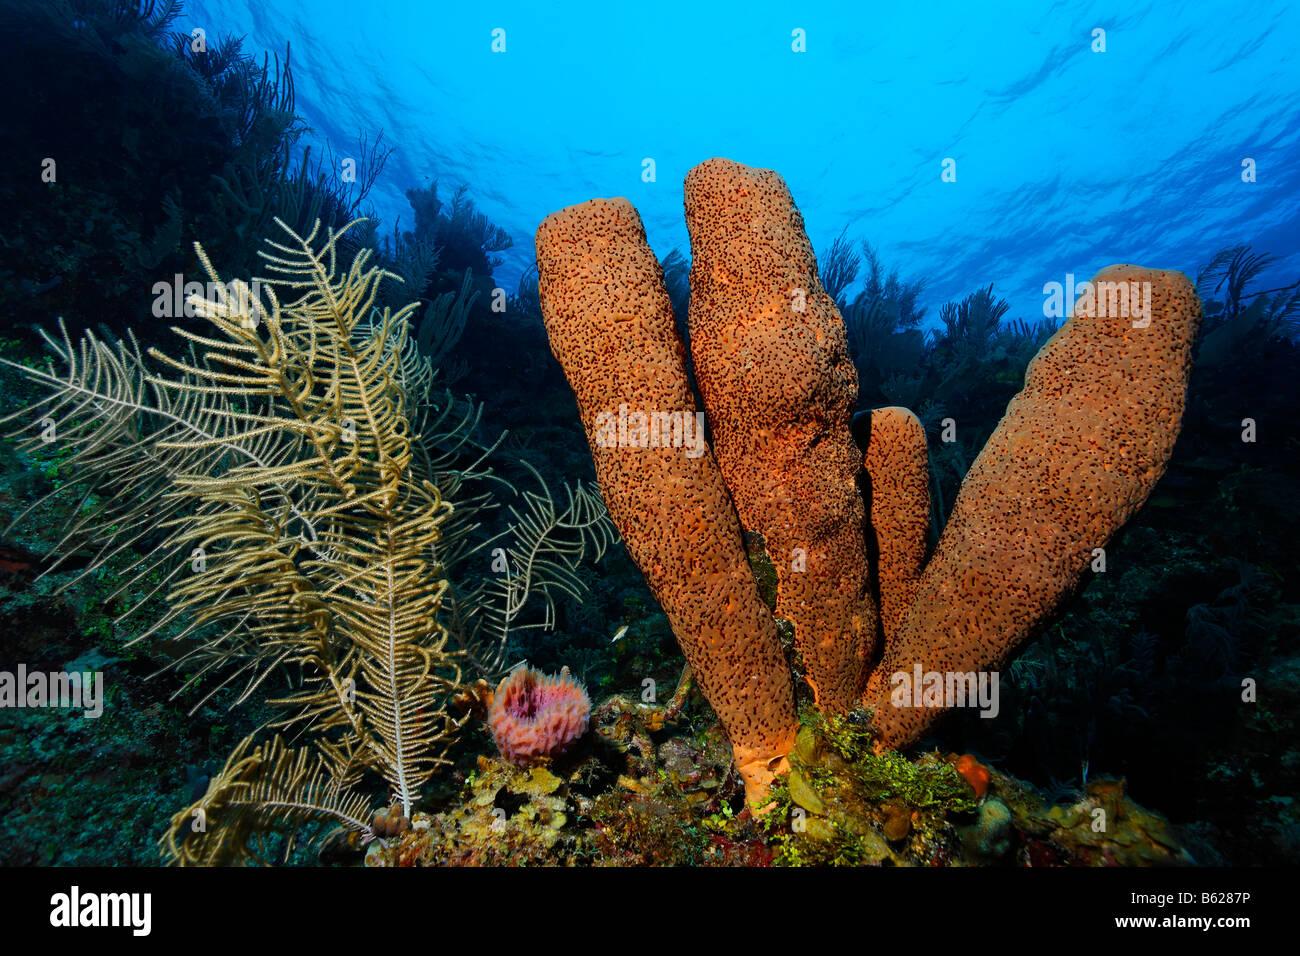 Braune Röhre Schwamm (Agelas Conifera) auf einer Felswand in einem Korallenriff mit Meer Plume (Pseudopterogorgia Stockbild